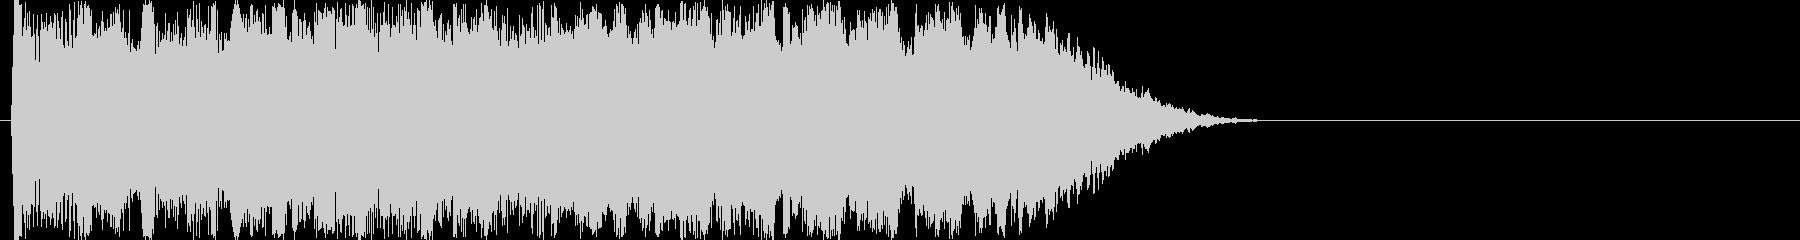 レベルアップ音・アイテム入手音の未再生の波形